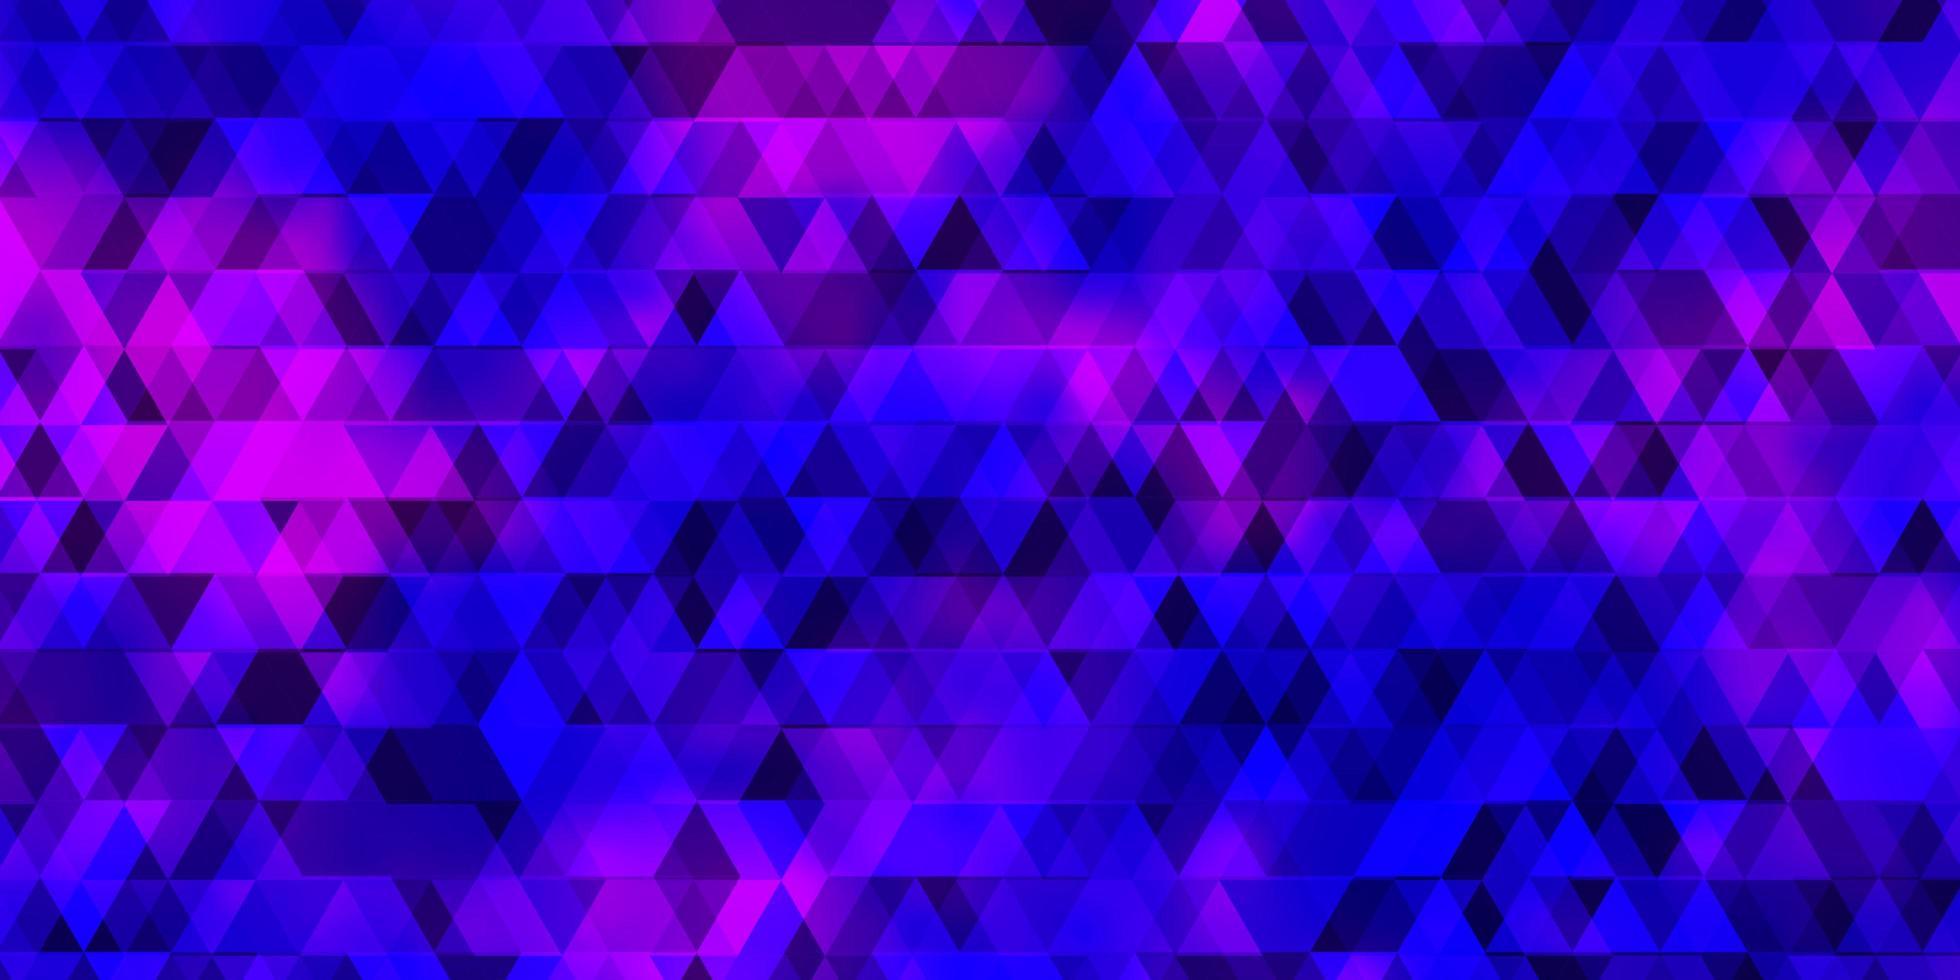 modello vettoriale viola chiaro con linee, triangoli.